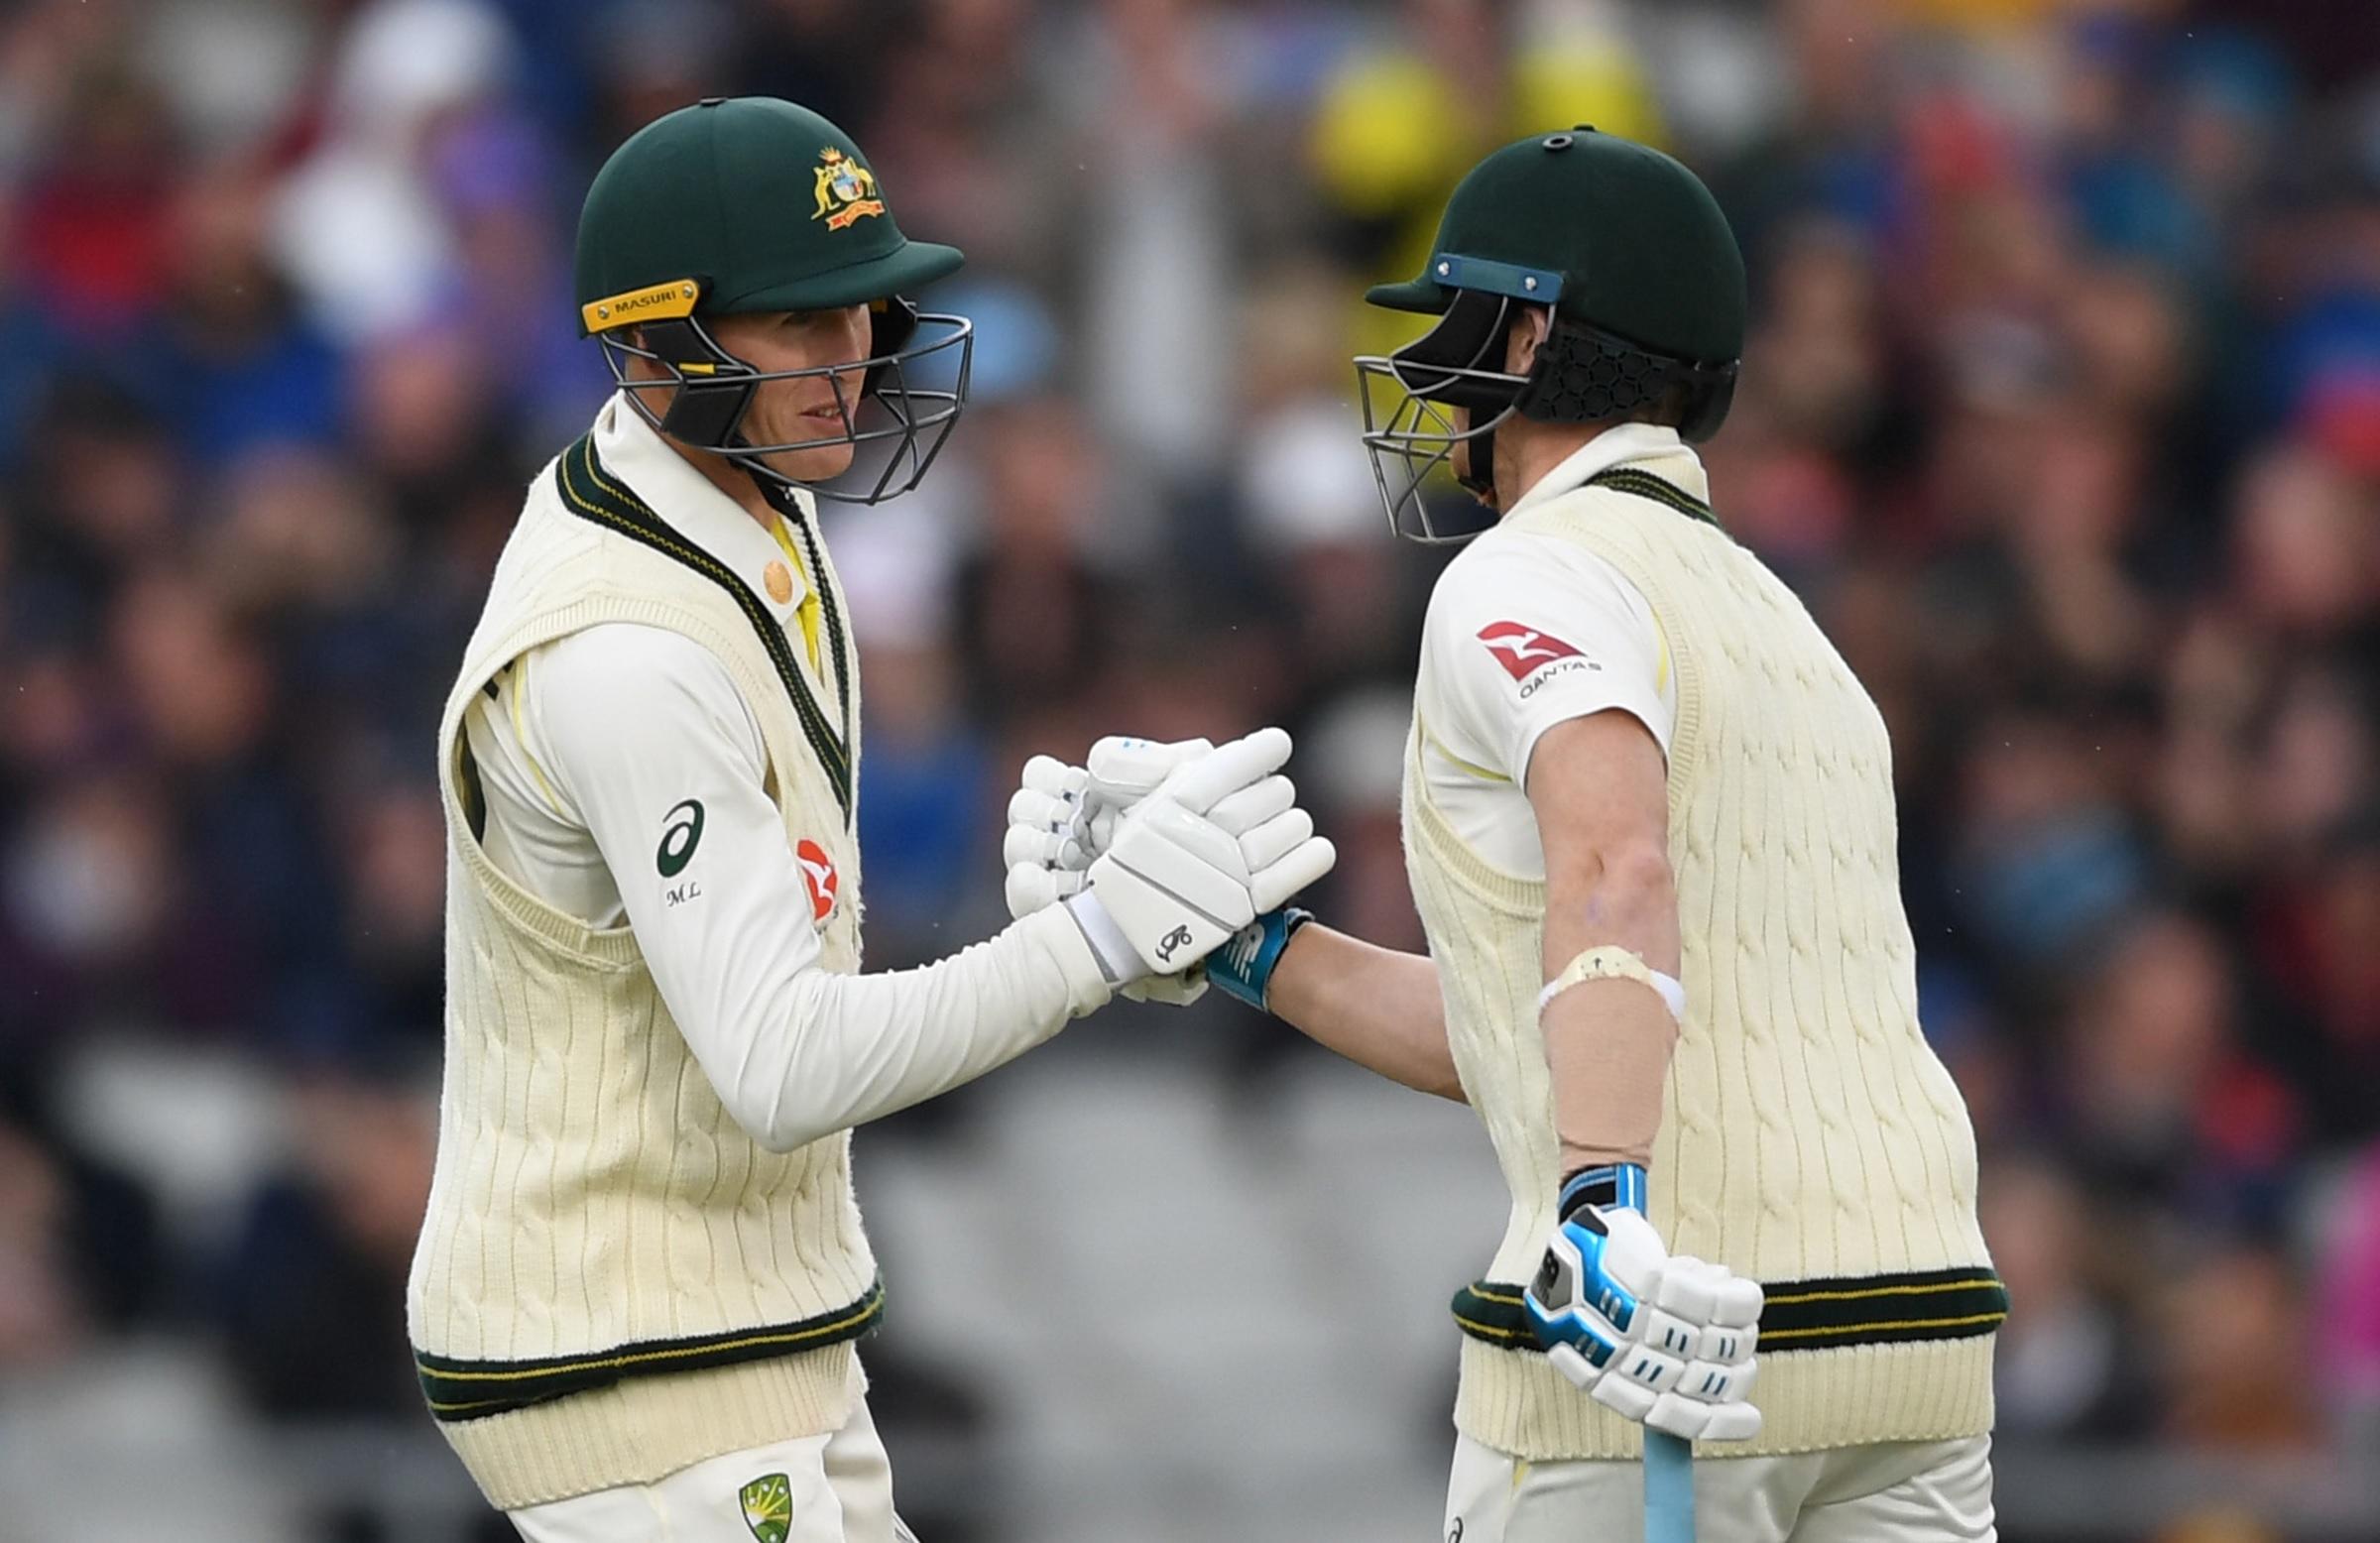 ৫ ব্যাটসম্যান যারা আইসিসি টেস্ট চ্যাম্পিয়নশিপে করেছেন সবচেয়ে বেশি রান 5